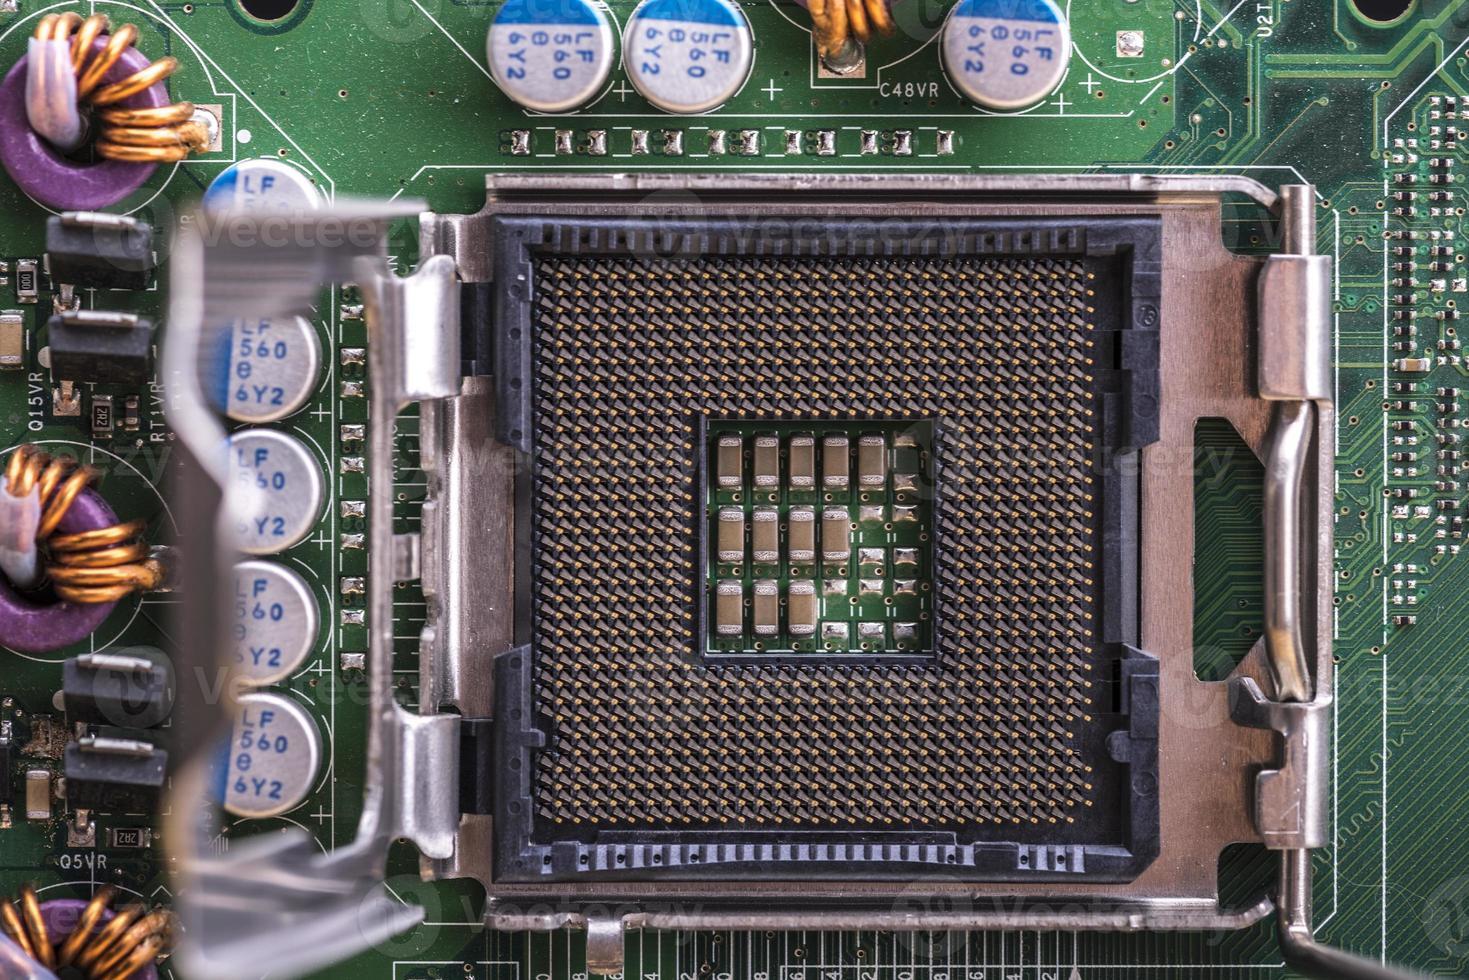 Sockel der Computer-Zentraleinheit foto